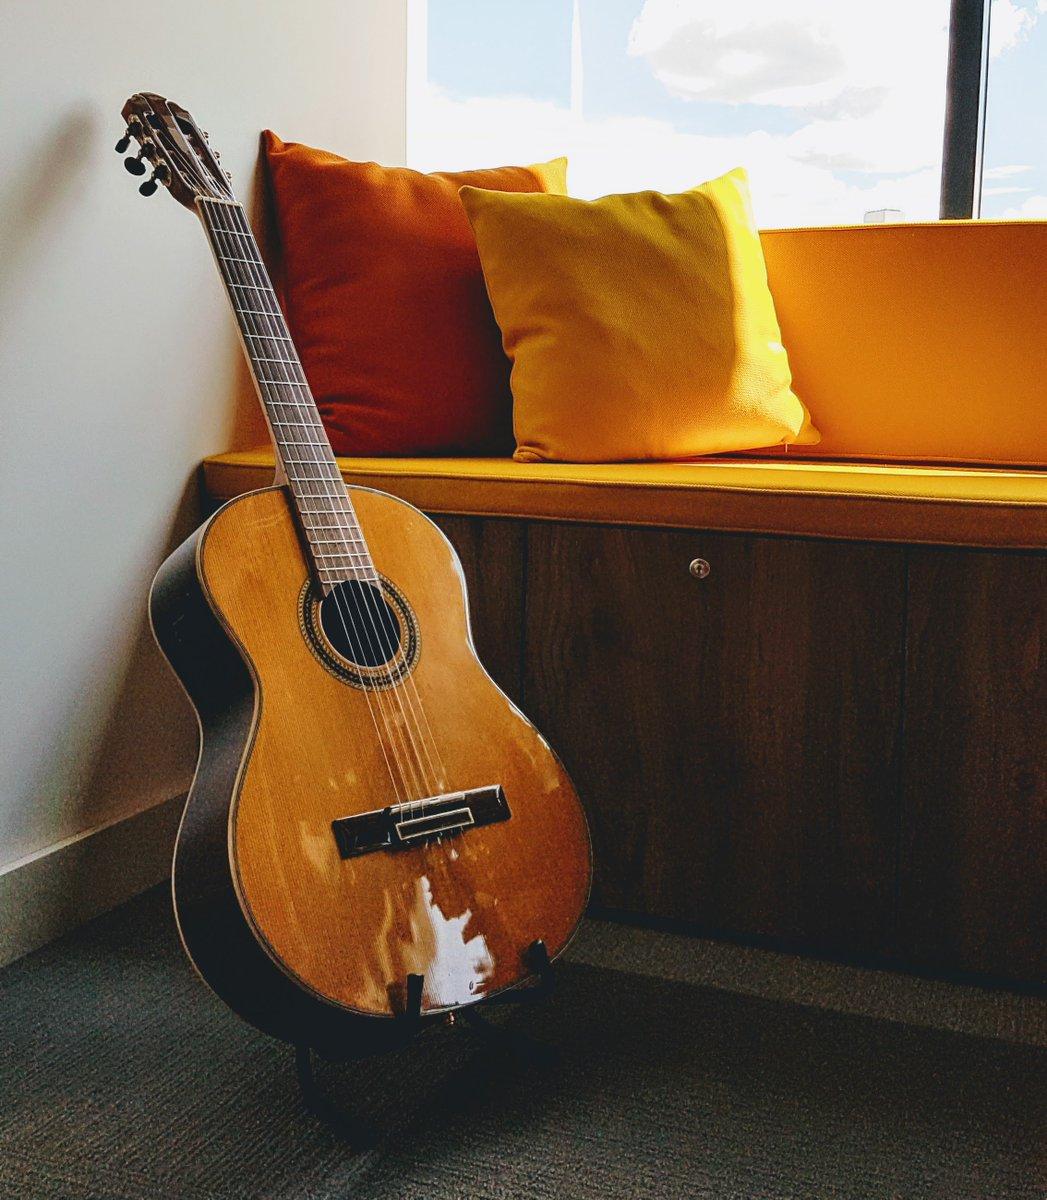 Um cantinho desses e um violão, não prec...